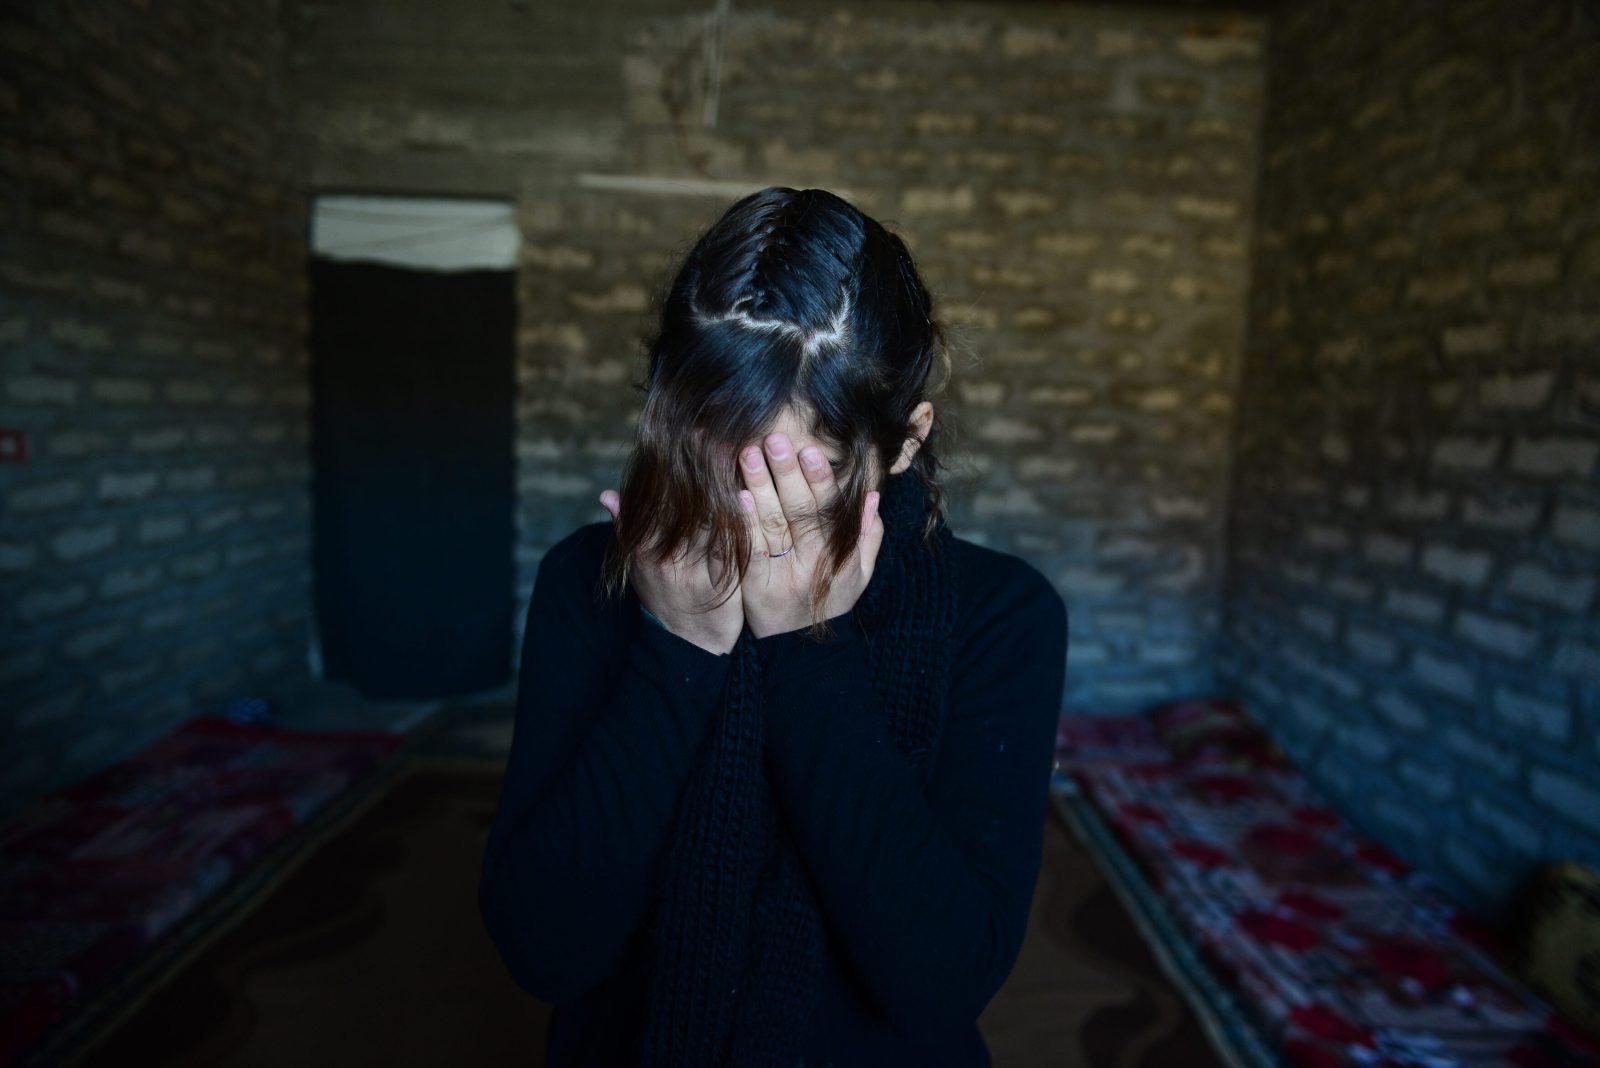 Čtrnáctiletá jezídka Hawain, která strávila měsíc a půl v zajetí ISIS. Záběr je z roku 2014